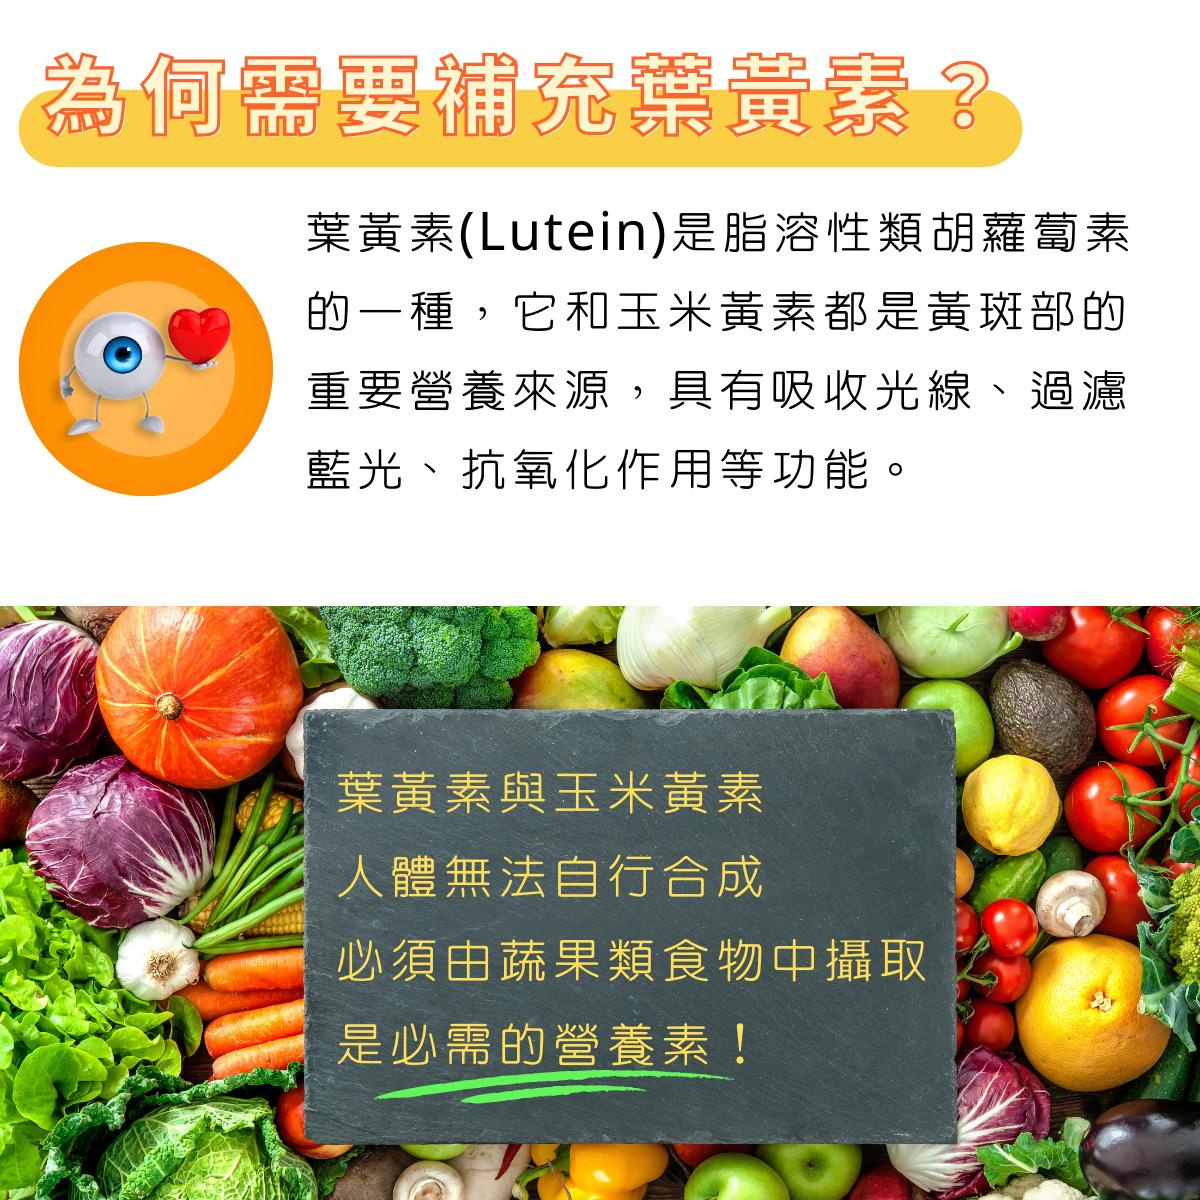 天天舒視 複方葉黃素膠囊:日本專利游離型葉黃素  明潤保養給你清晰看世界